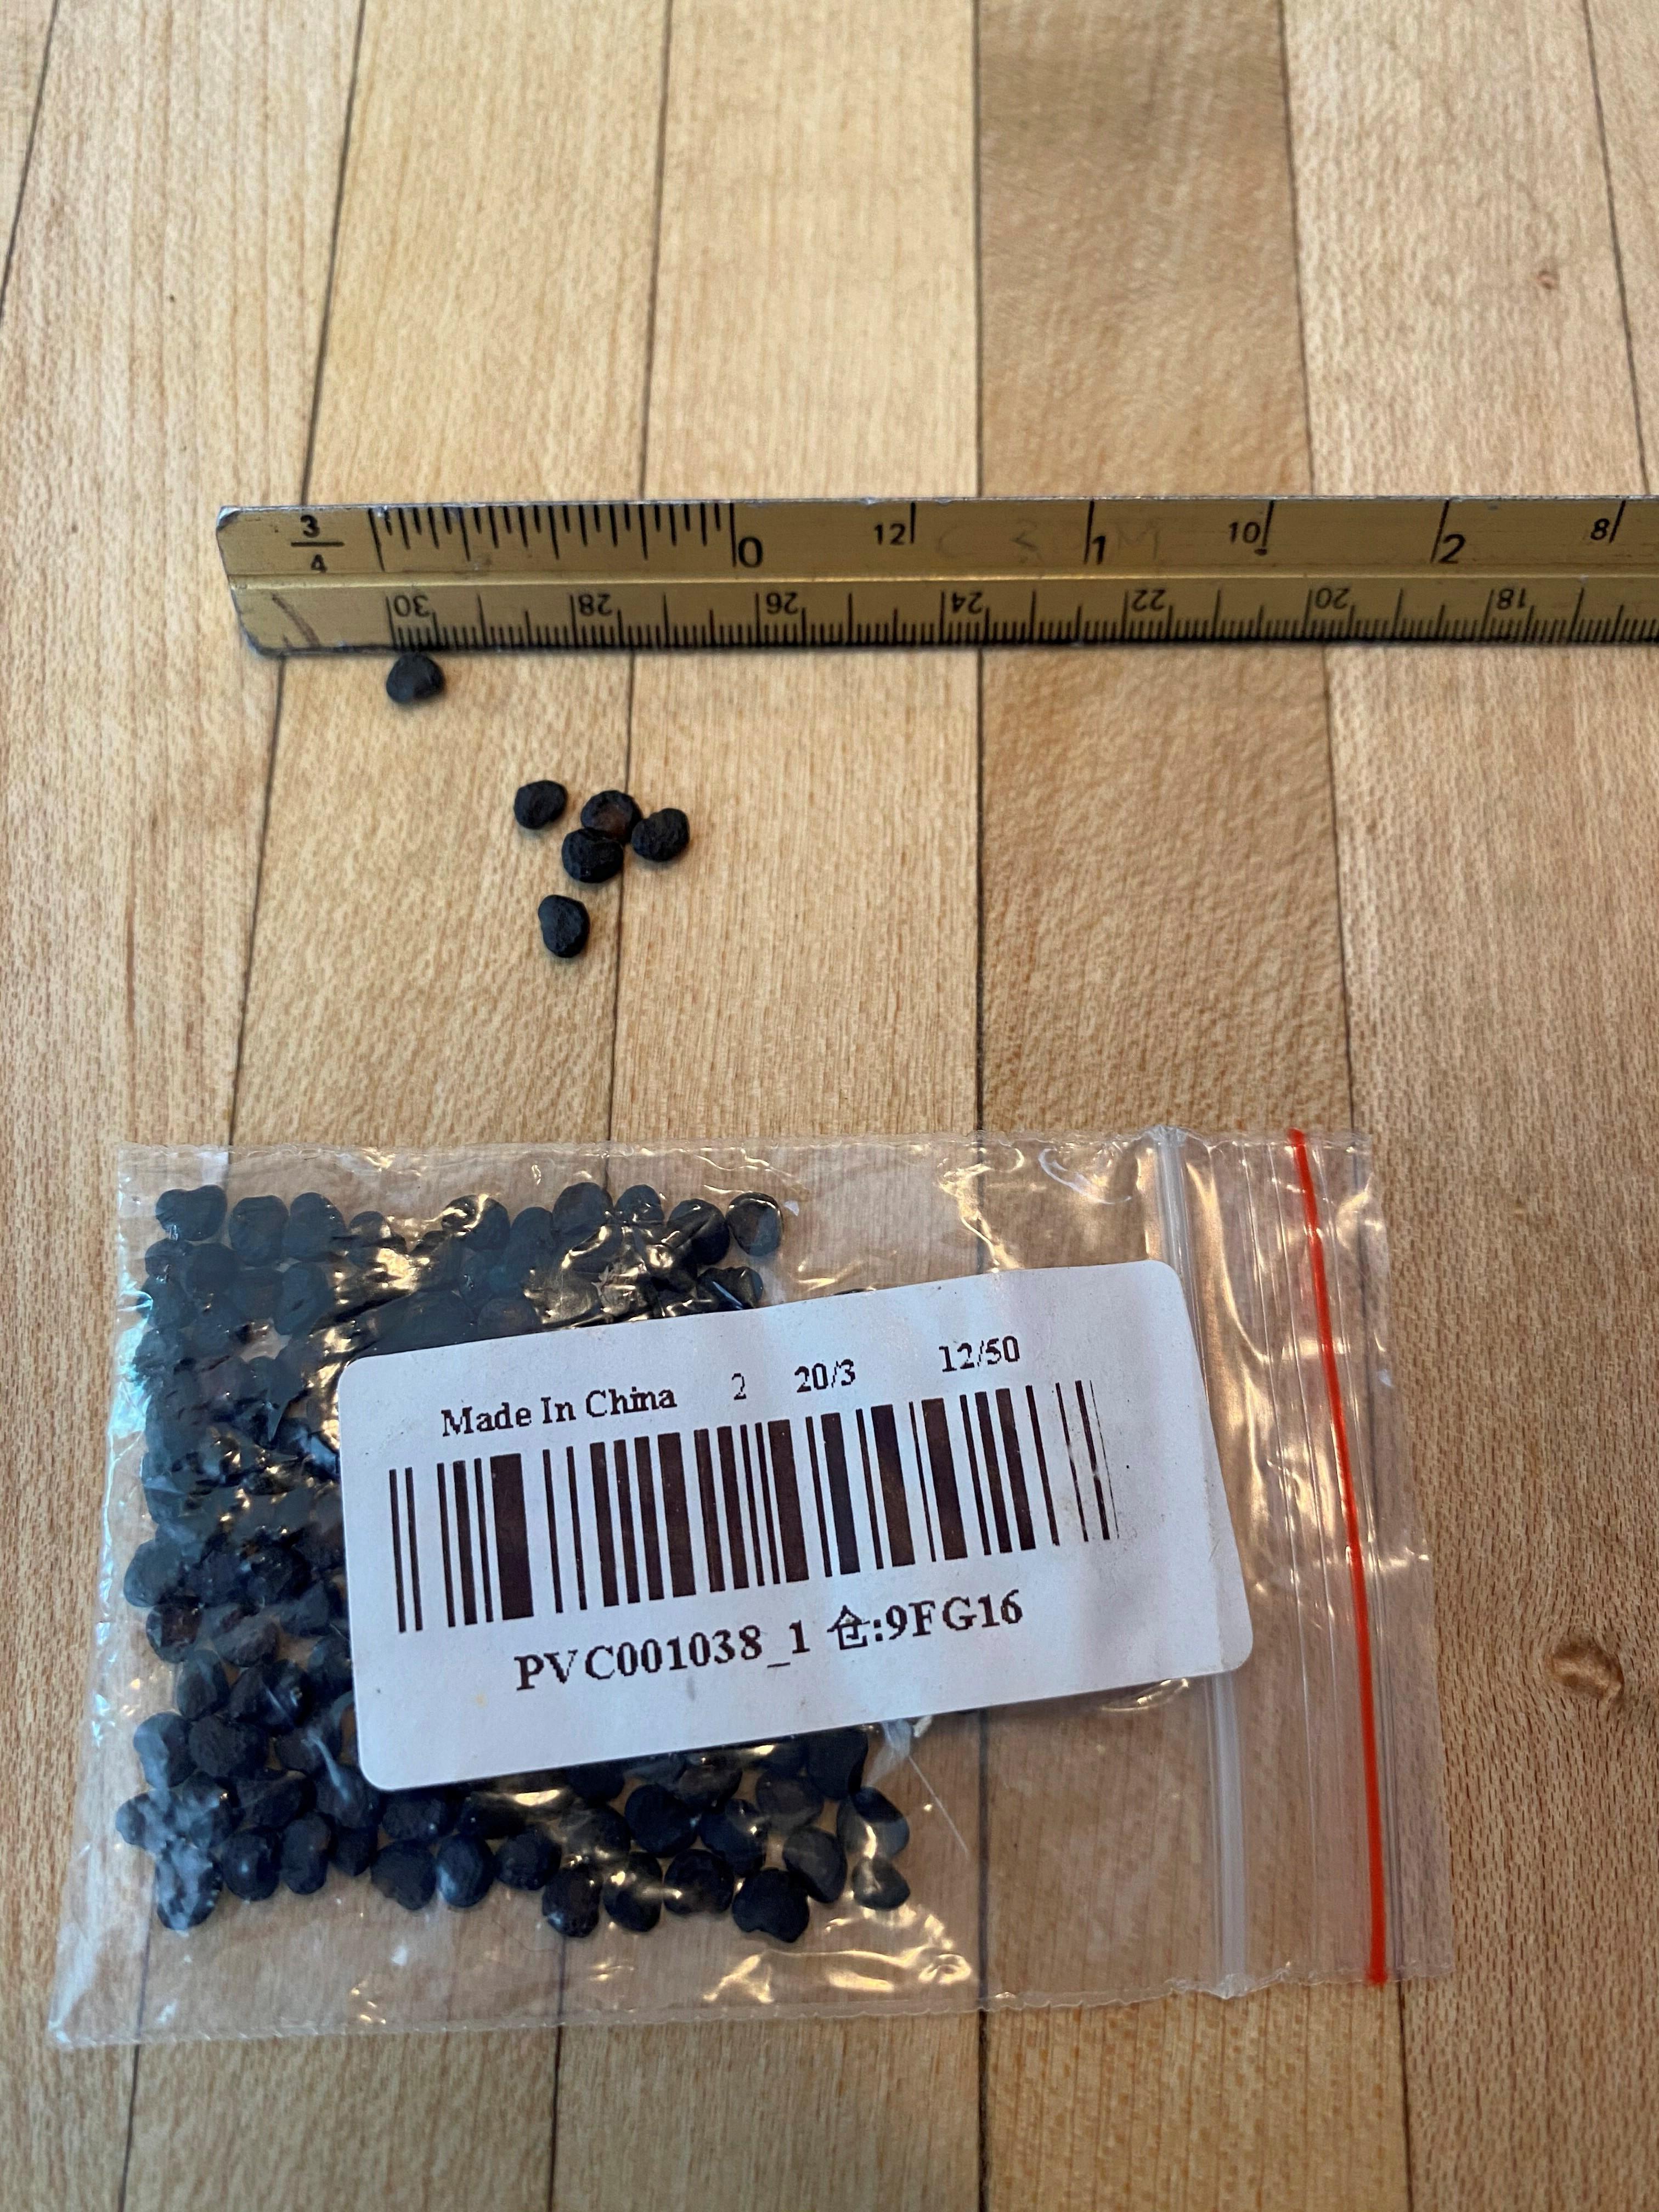 Adab emite alerta sobre sementes 'misteriosas' que têm sido enviadas por correio